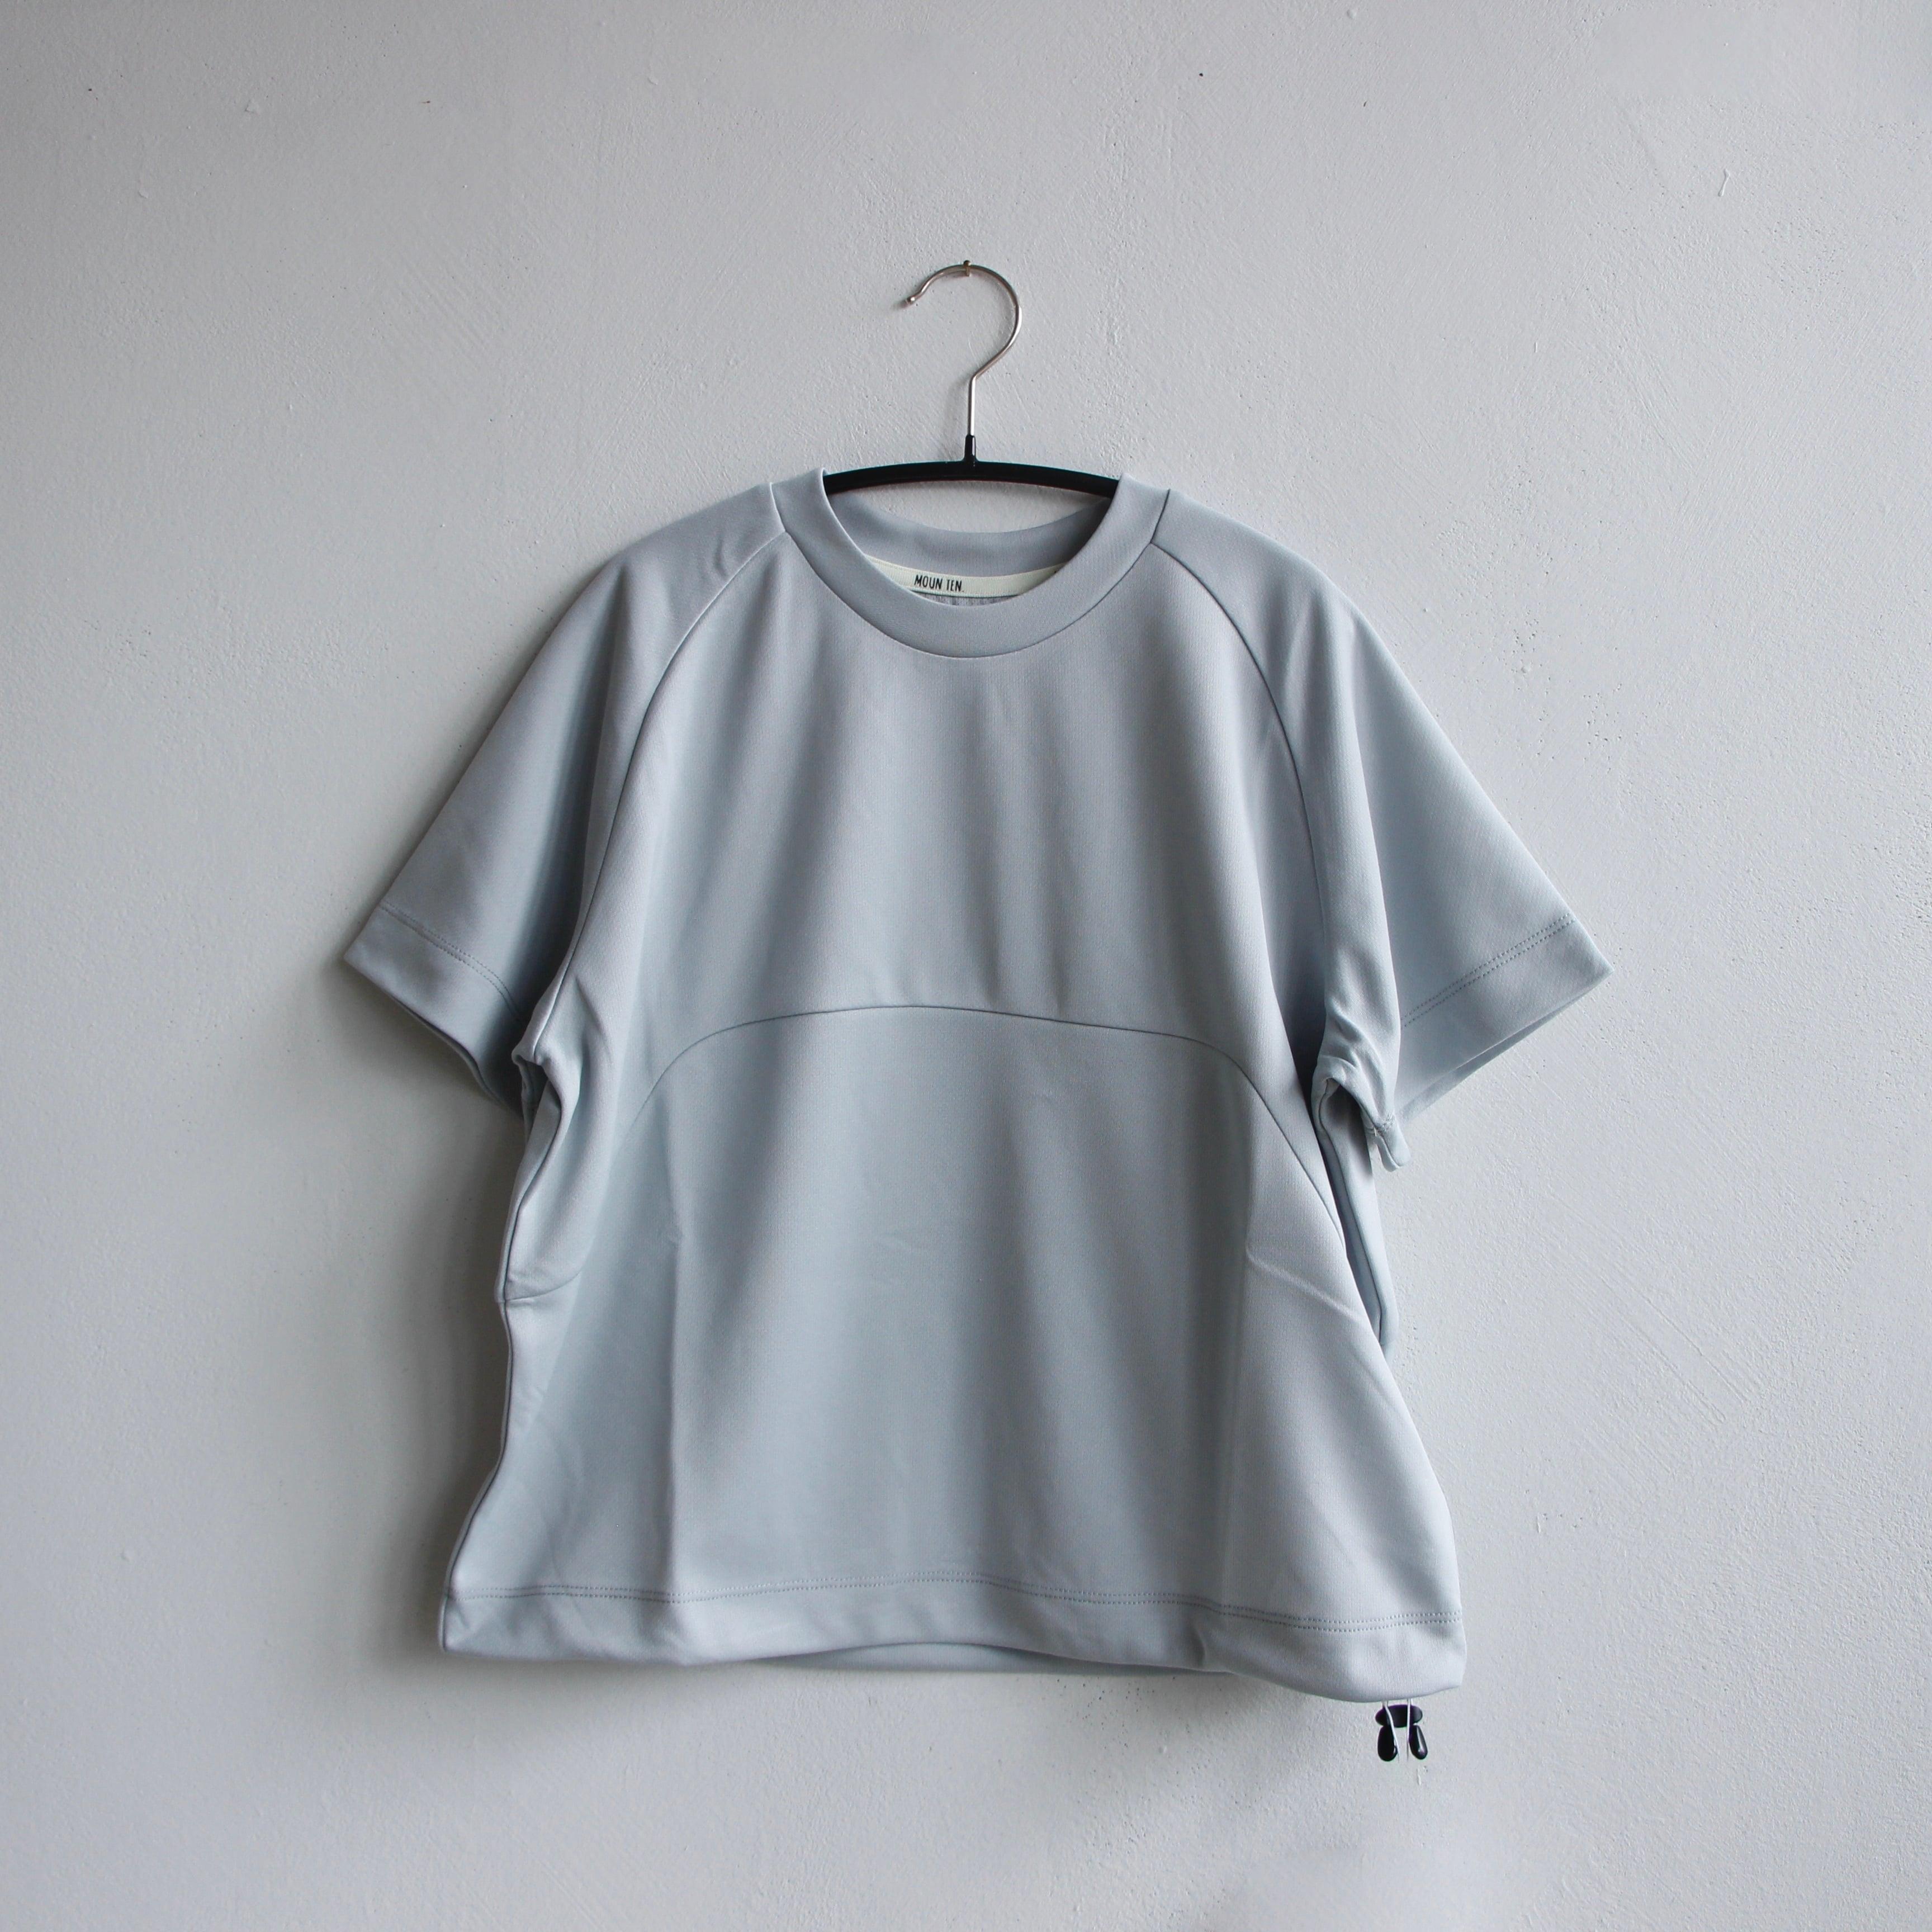 《MOUNTEN. 2021SS》drawcord T / gray / size0 (145-155cm程度)